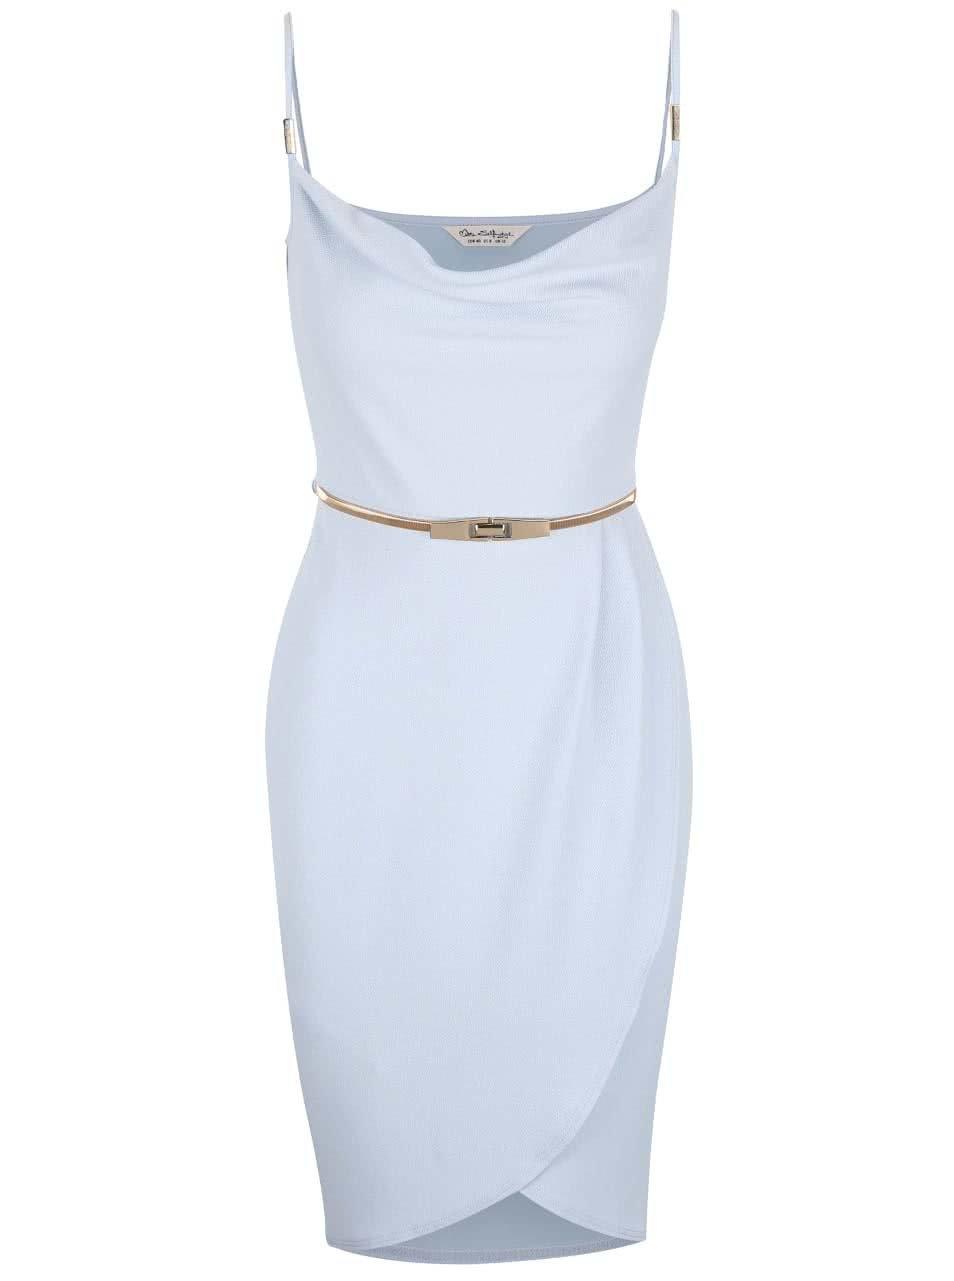 9df6c1b1fe35 Světle modré šaty s páskem ve zlaté barvě Miss Selfridge ...